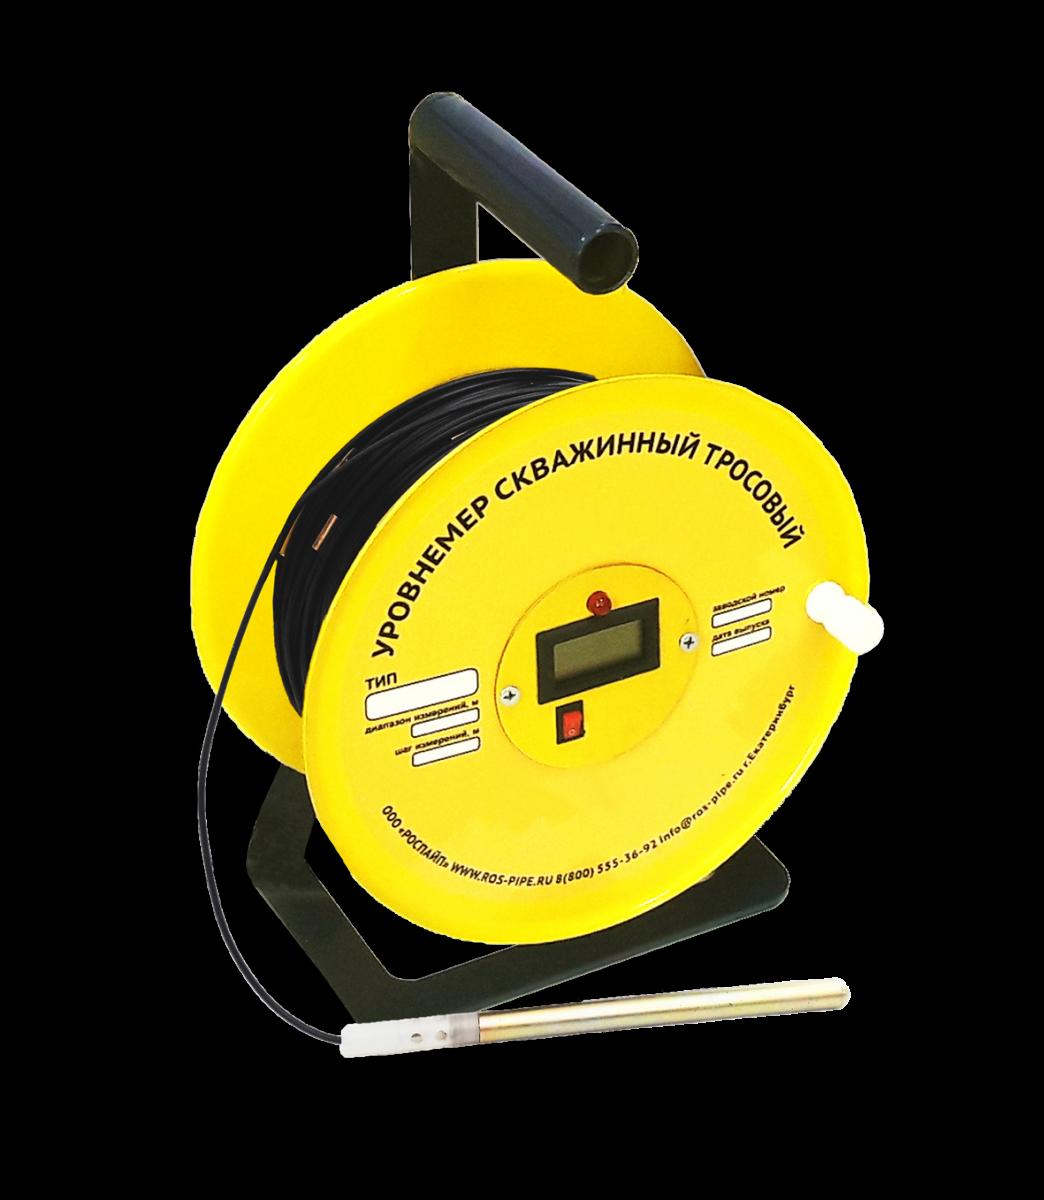 Уровнемер с термометром УТСК-ТЭ-500